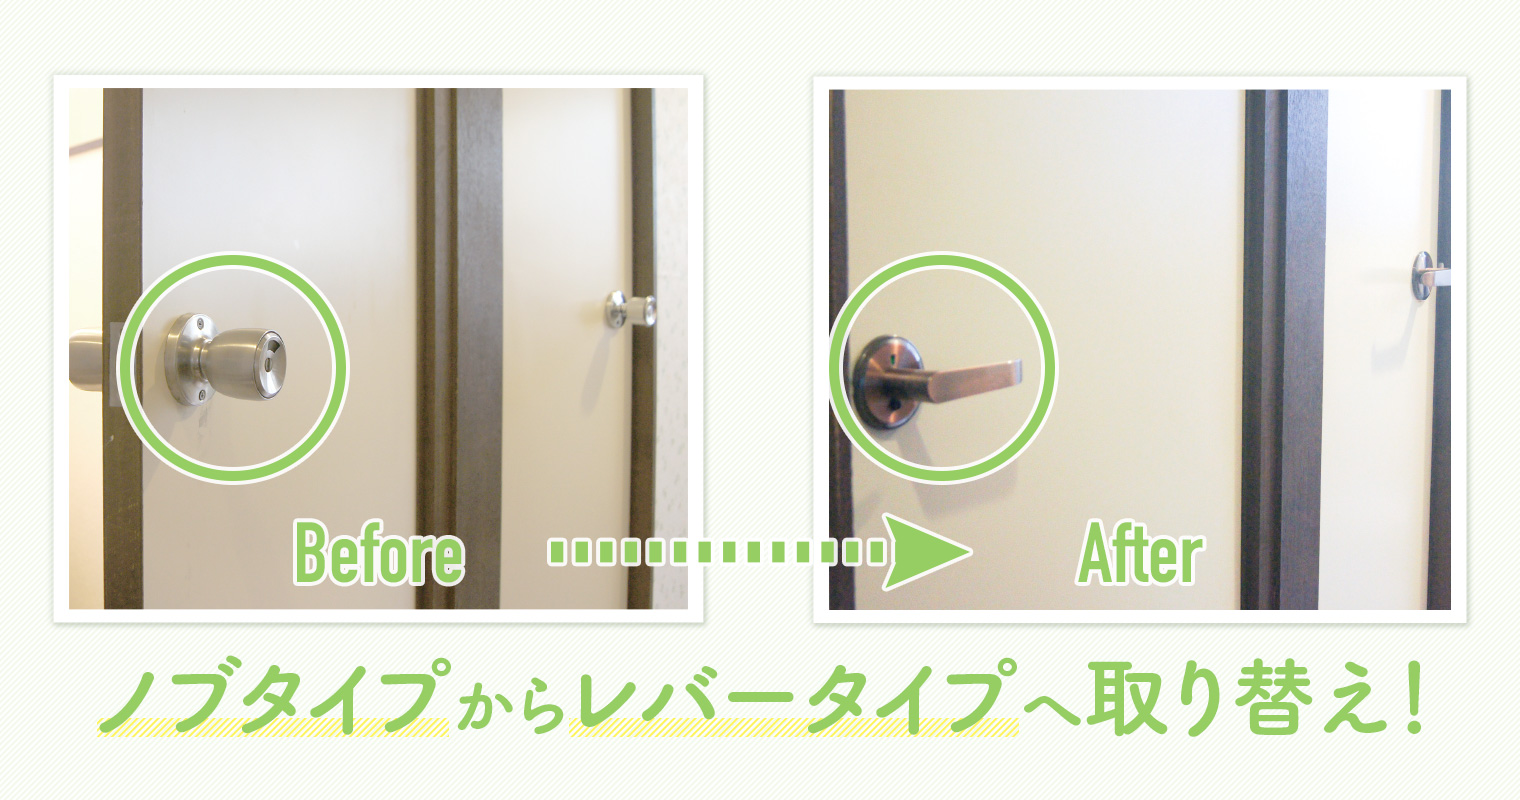 ノブタイプからレバータイプへ室内錠の取り替え!